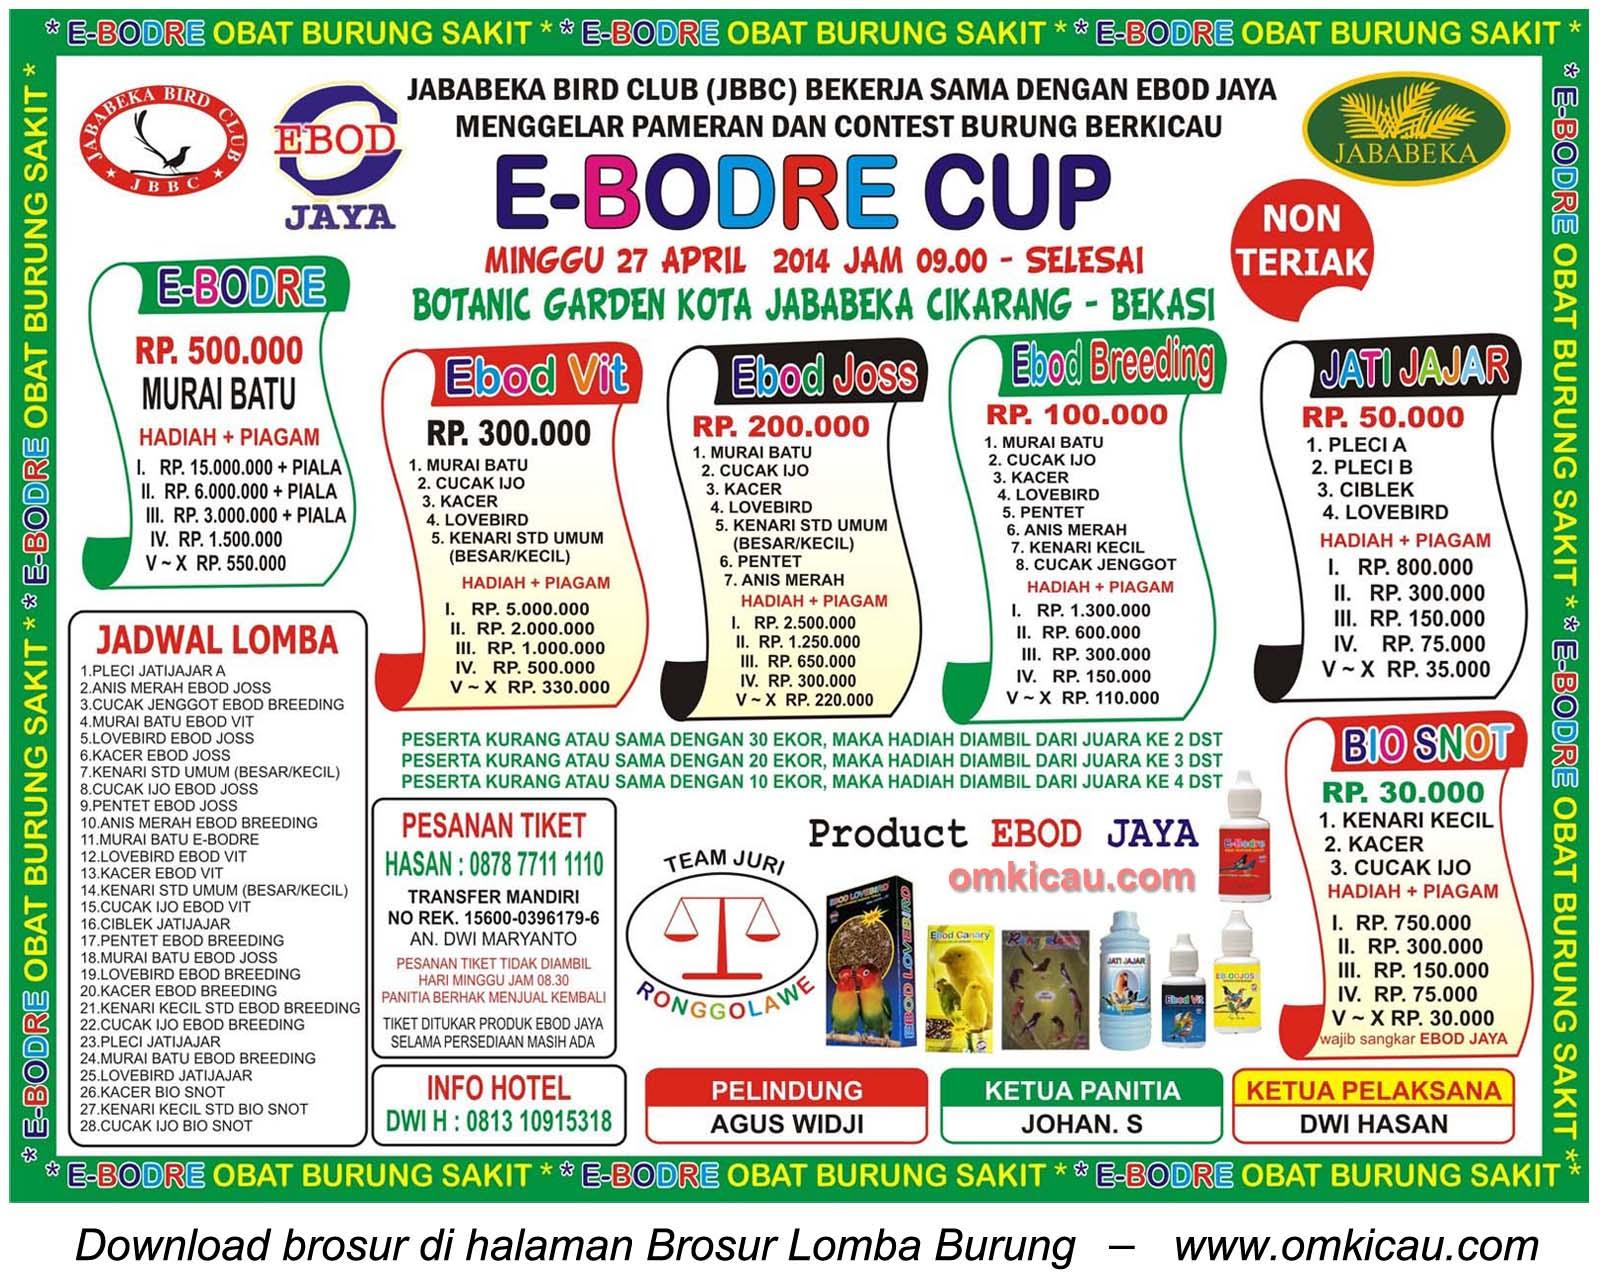 Brosur Lomba Burung Berkicau E-Bodre Cup, Bekasi, 27 April 2014